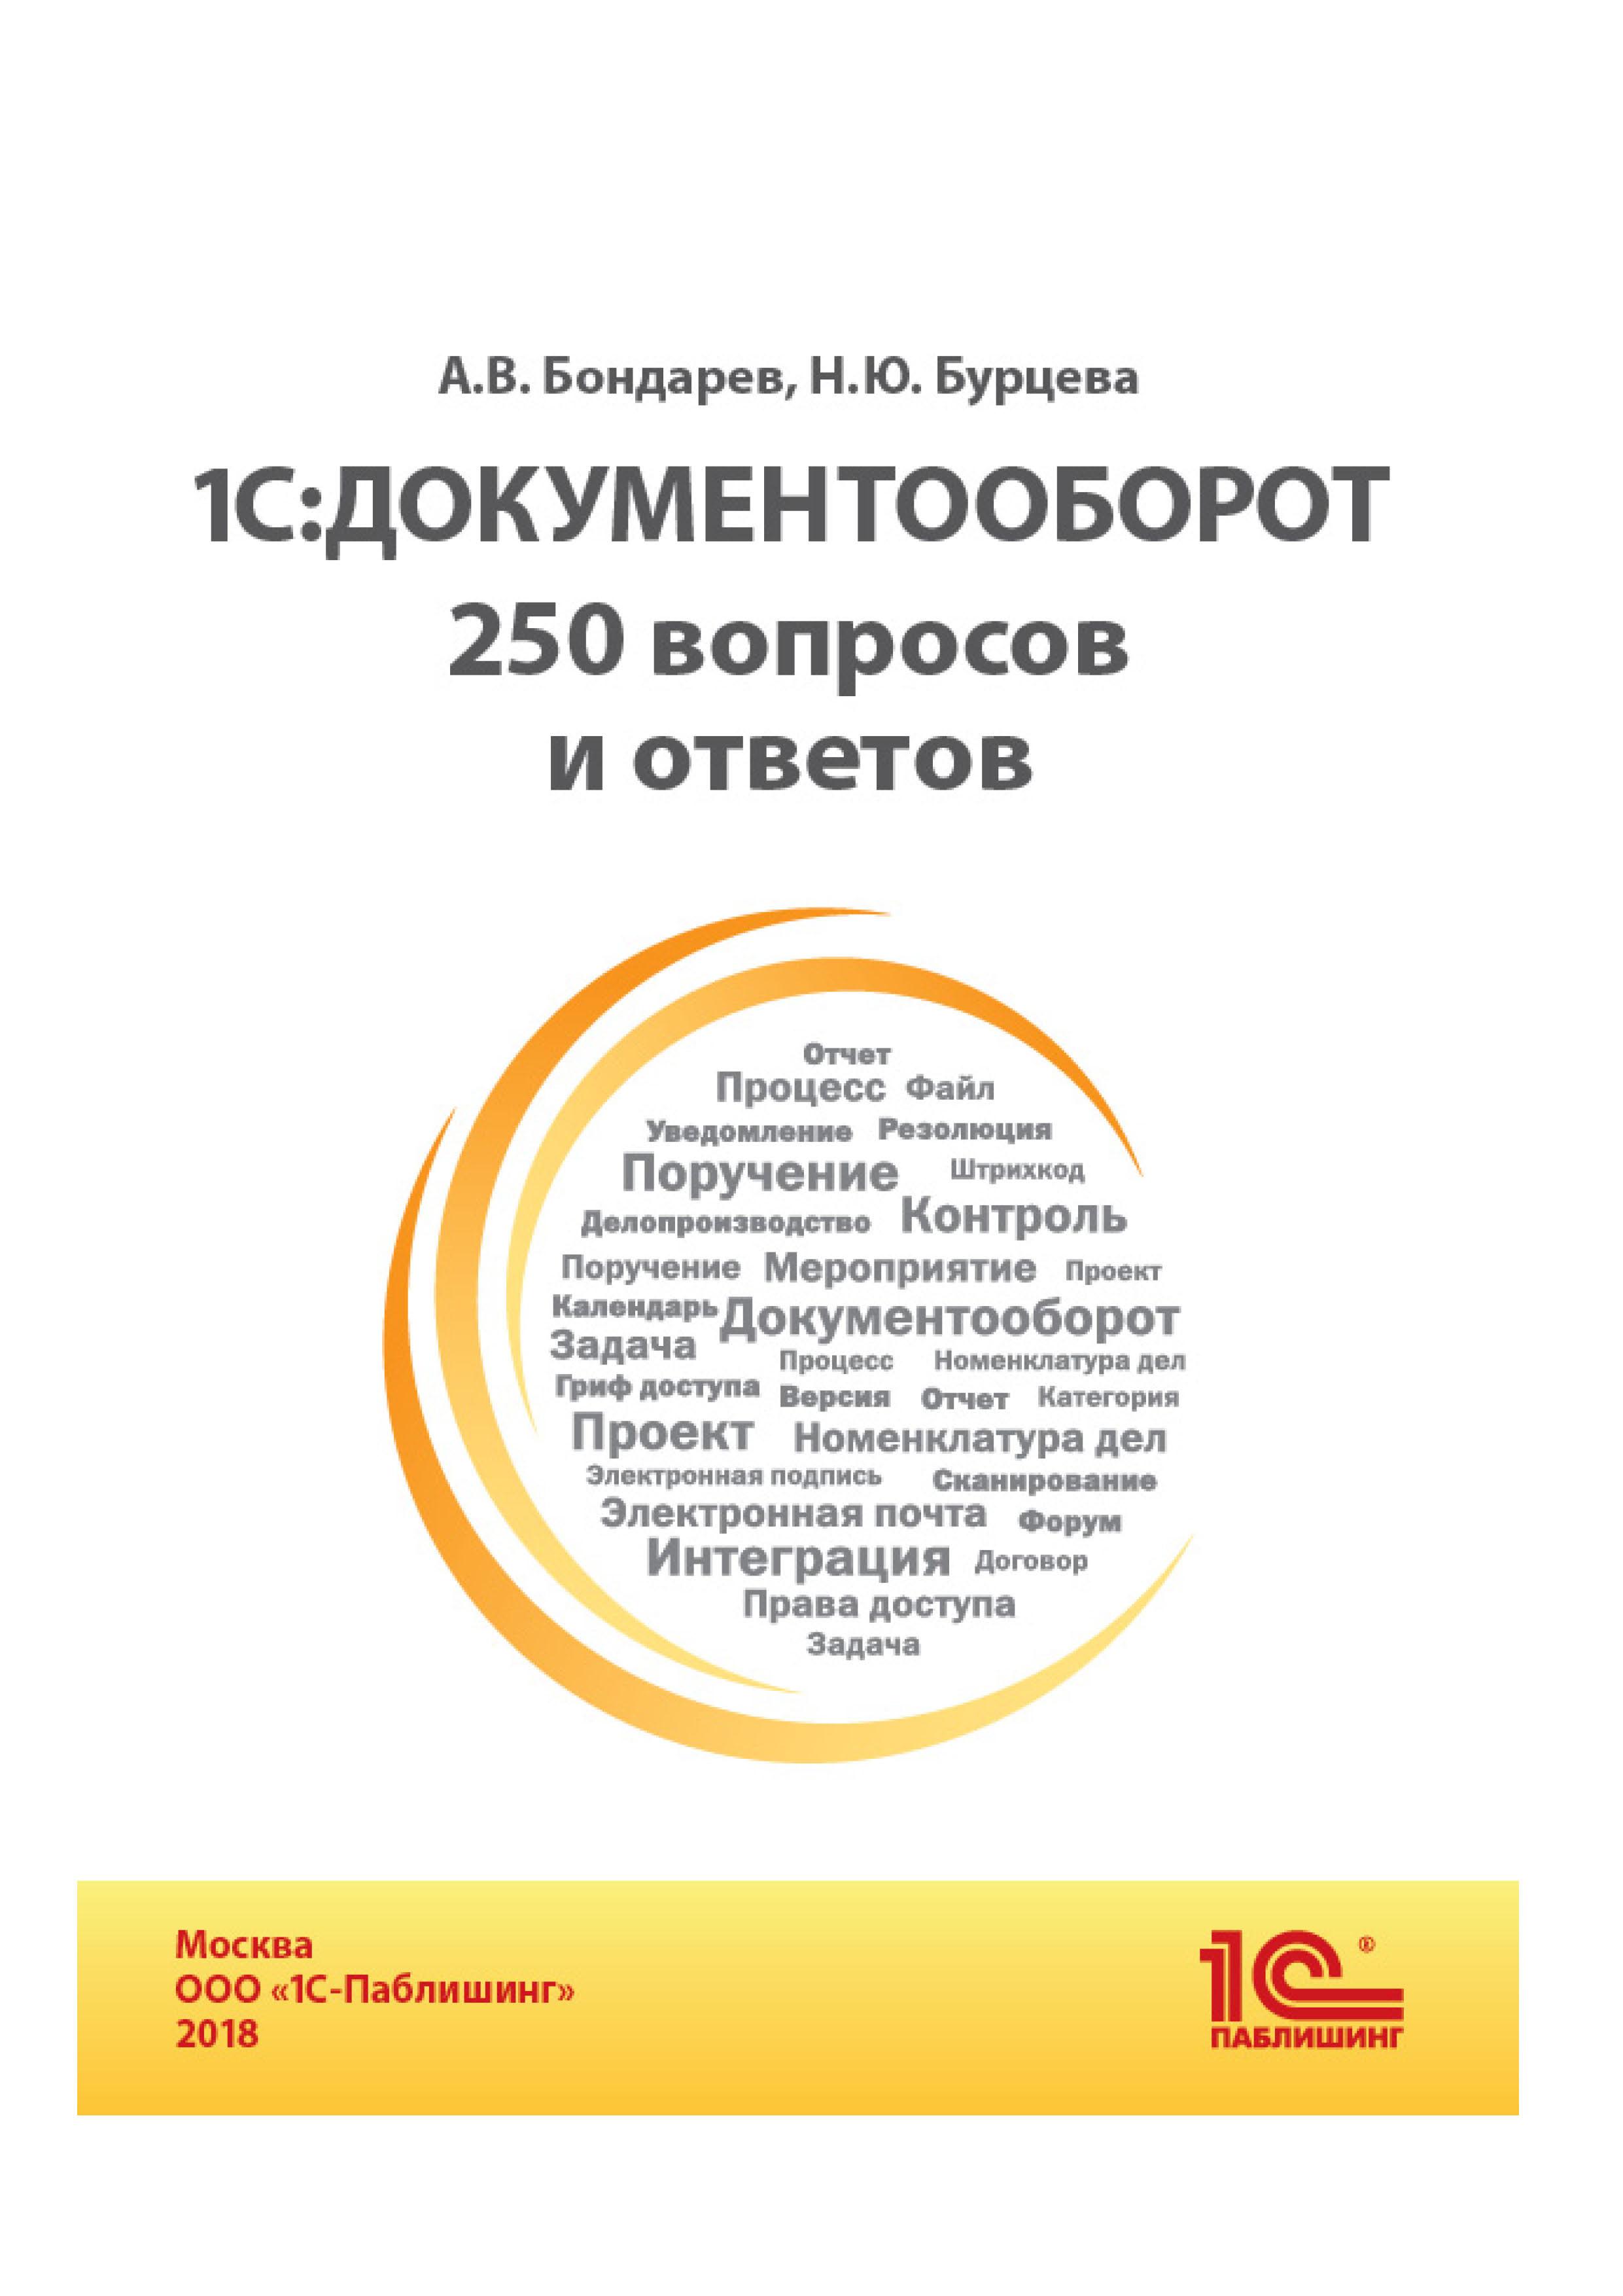 А. В. Бондарев 1С:Документооборот. 250 вопросов и ответов (+epub) в в шафаростова а в шендакова 600 вопросов и ответов о гипертонии